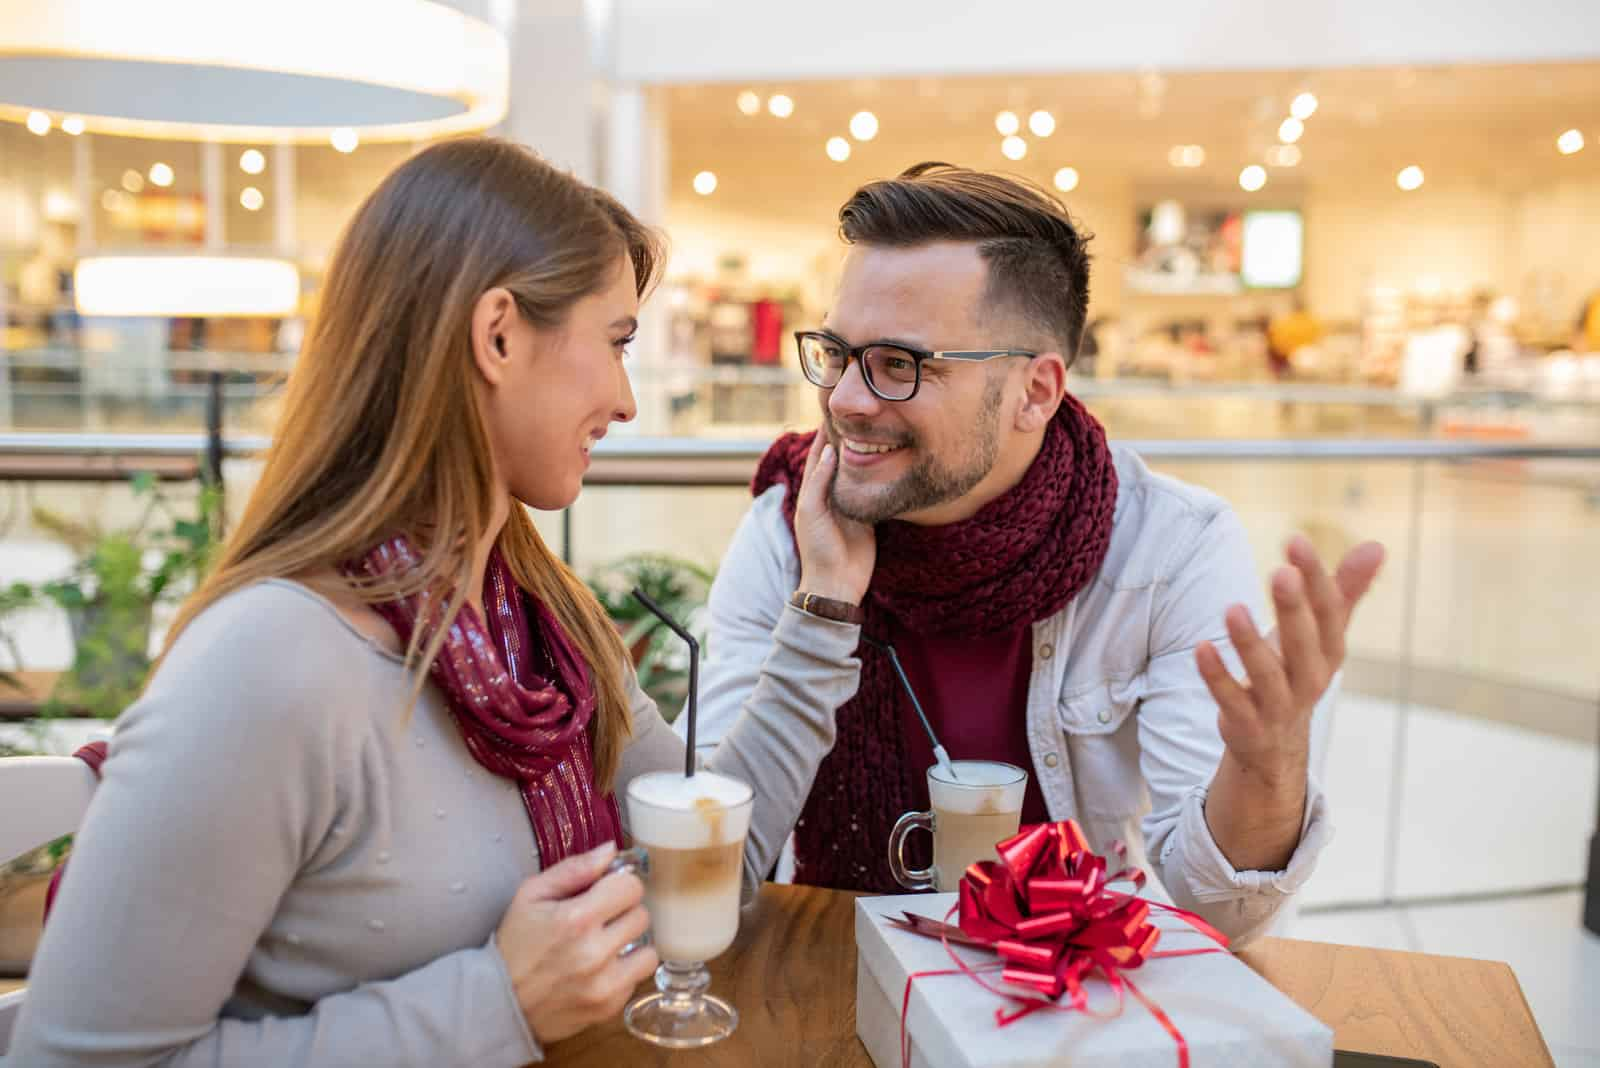 un homme et une femme rient en buvant du chocolat chaud